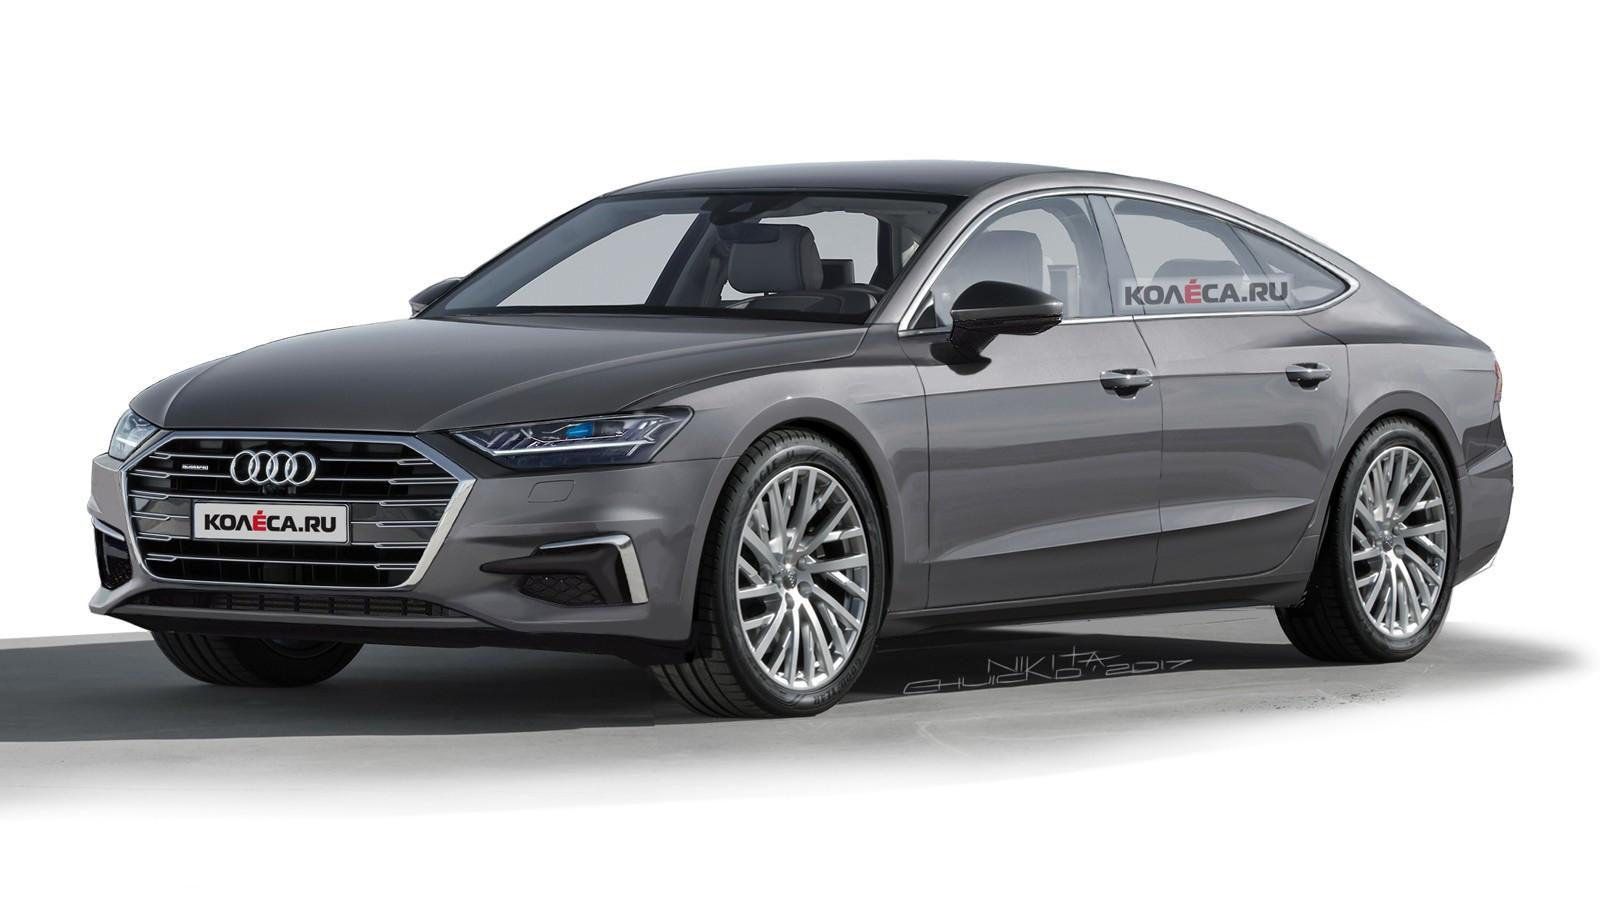 Audi A7 front1